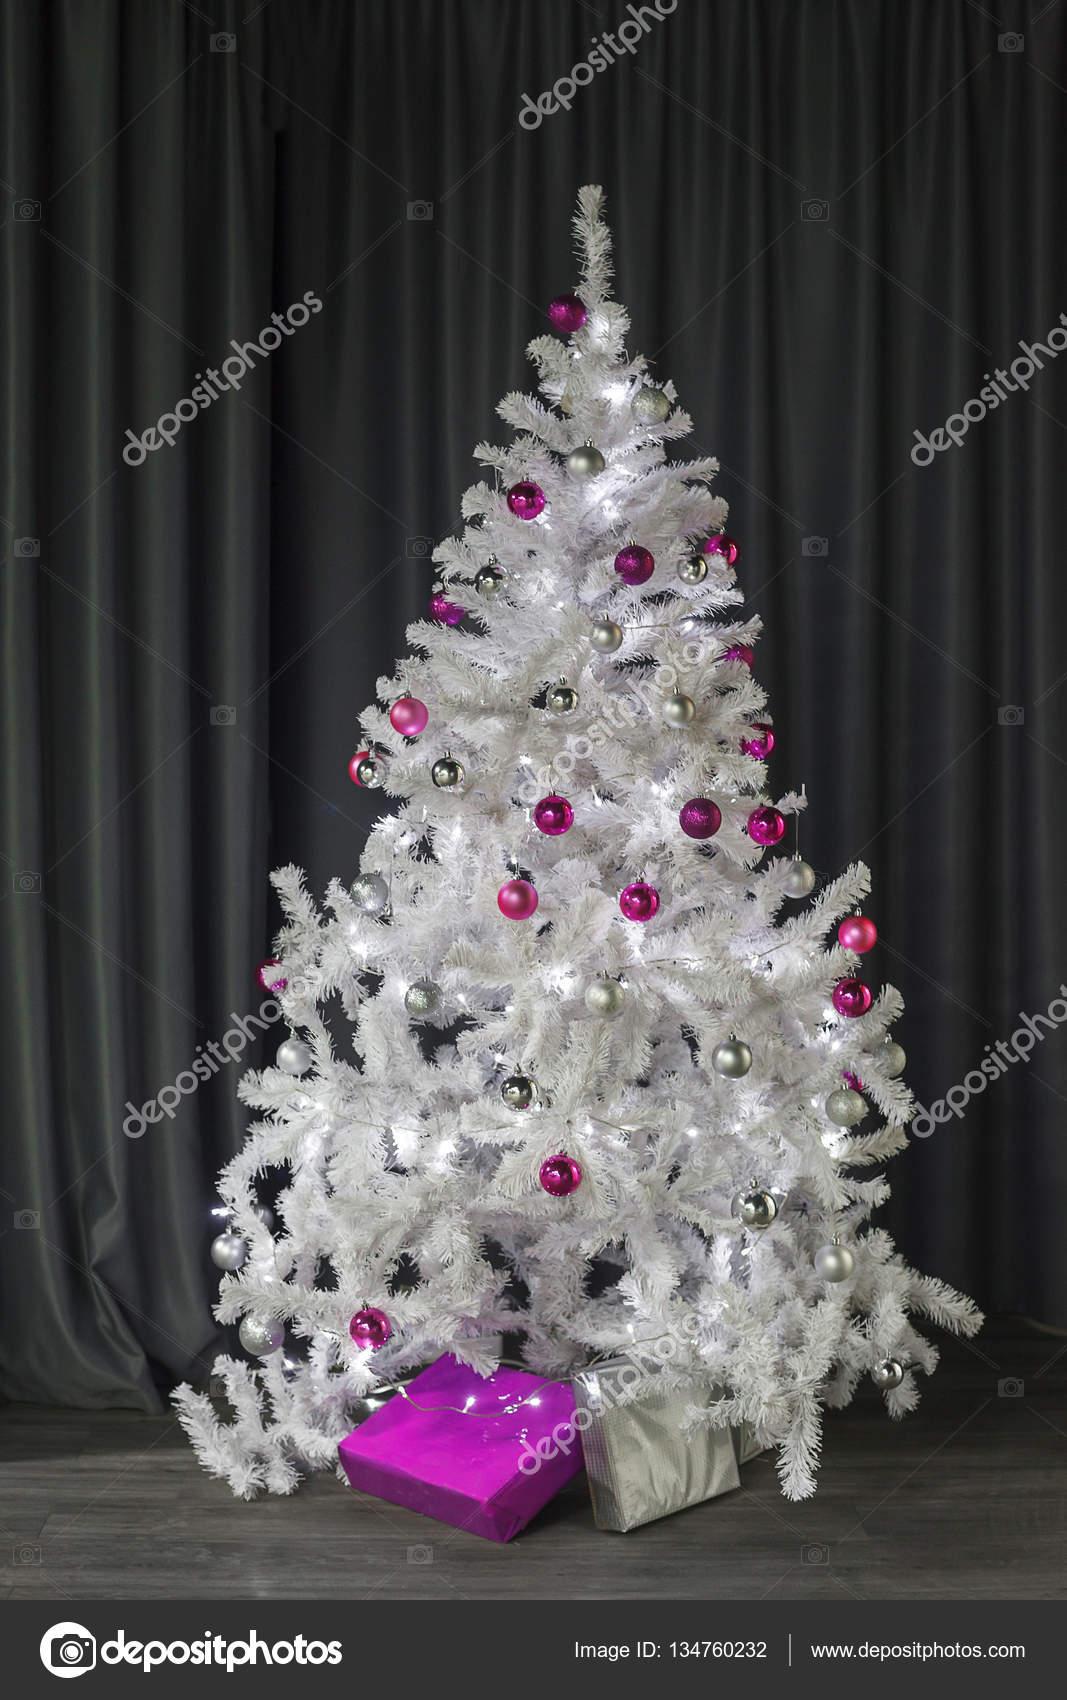 Albero Di Natale Rosa.Palle Di Natale Bianco E Rosa Appendere Sull Albero Di Natale Bianco